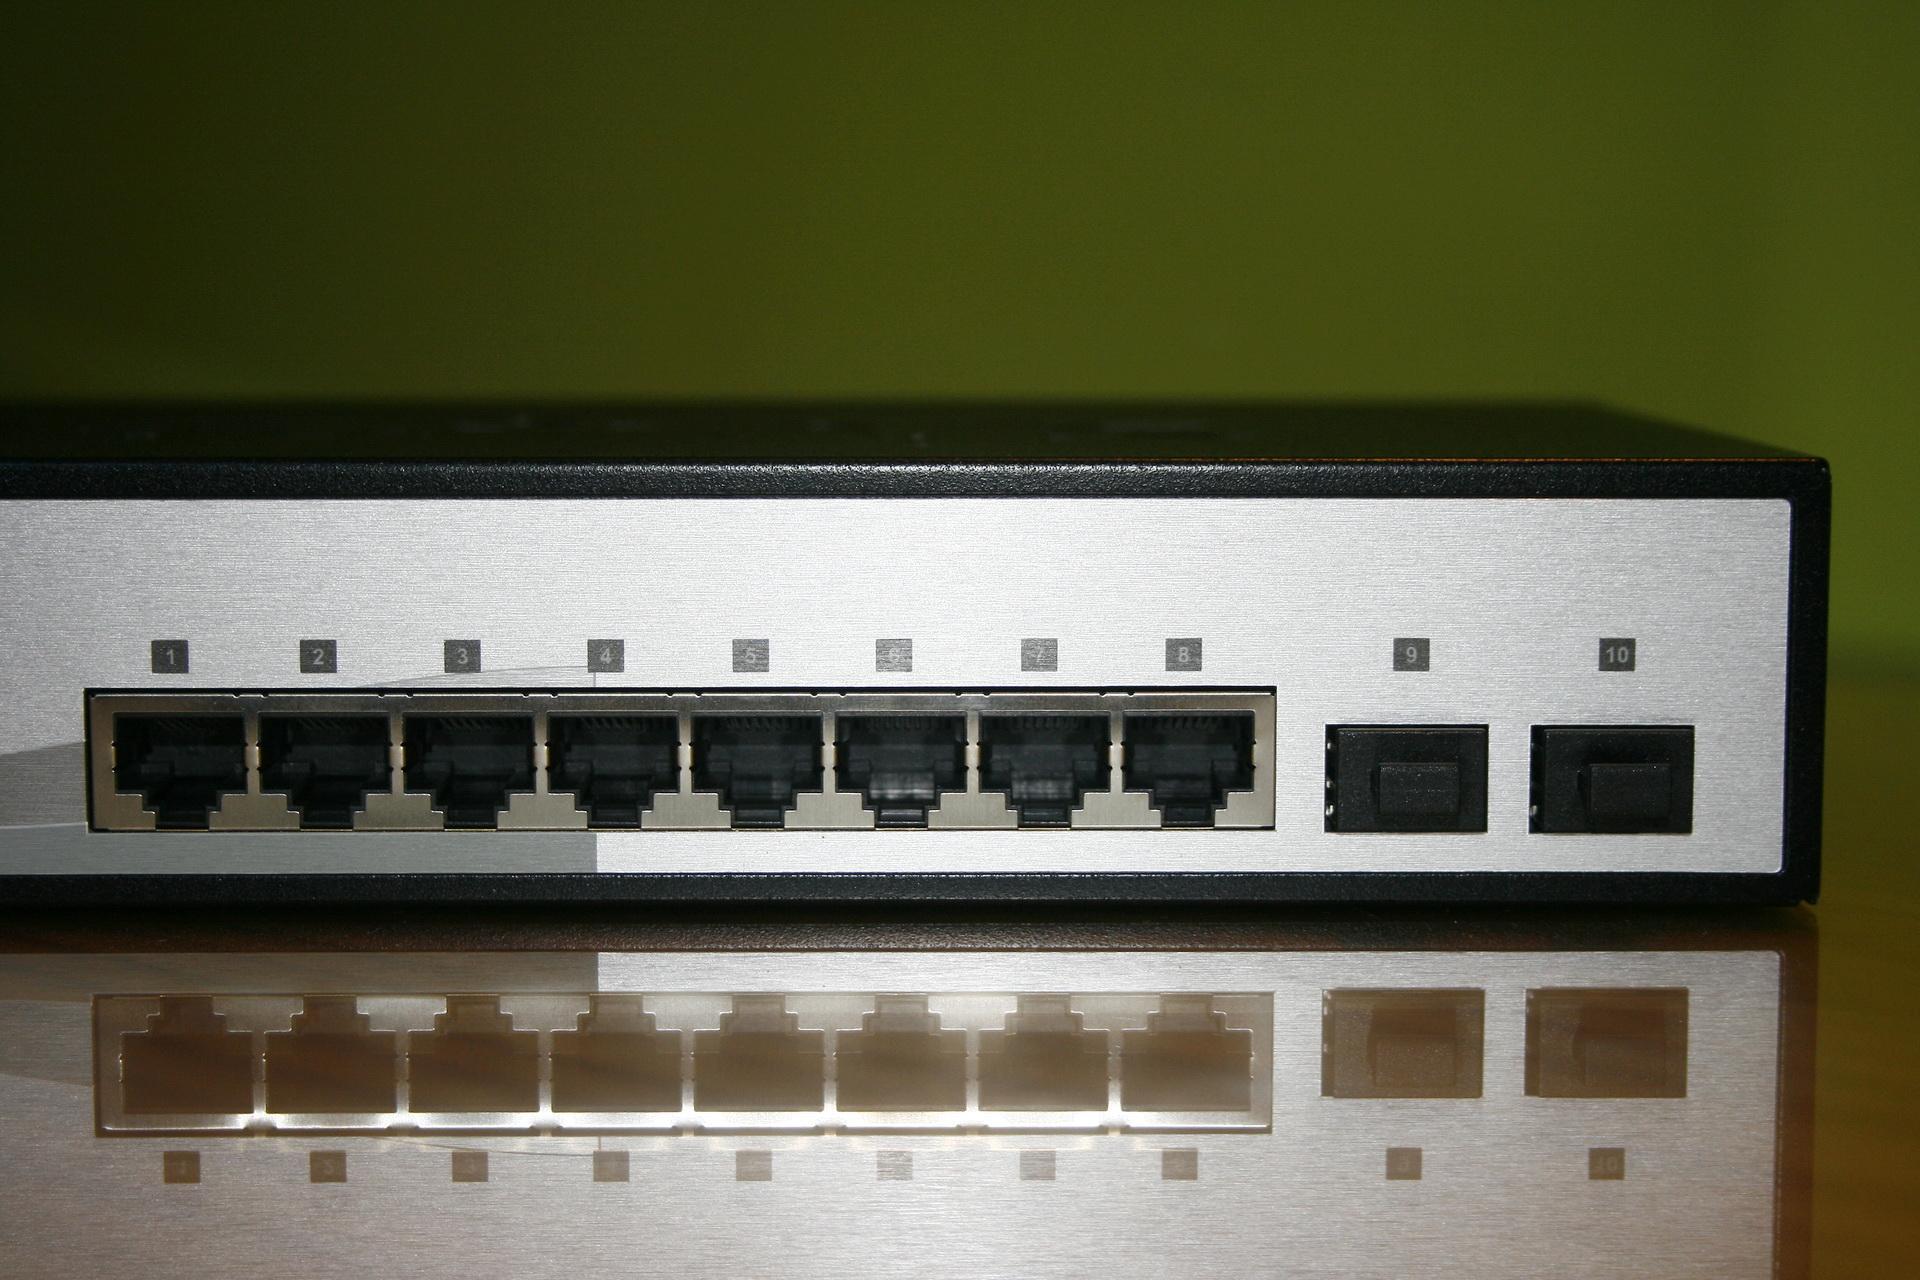 D Link Dgs 1210 10 Anlisis De Este Switch Gestionable Con Smart E Puertos Gigabit Ethernet Del